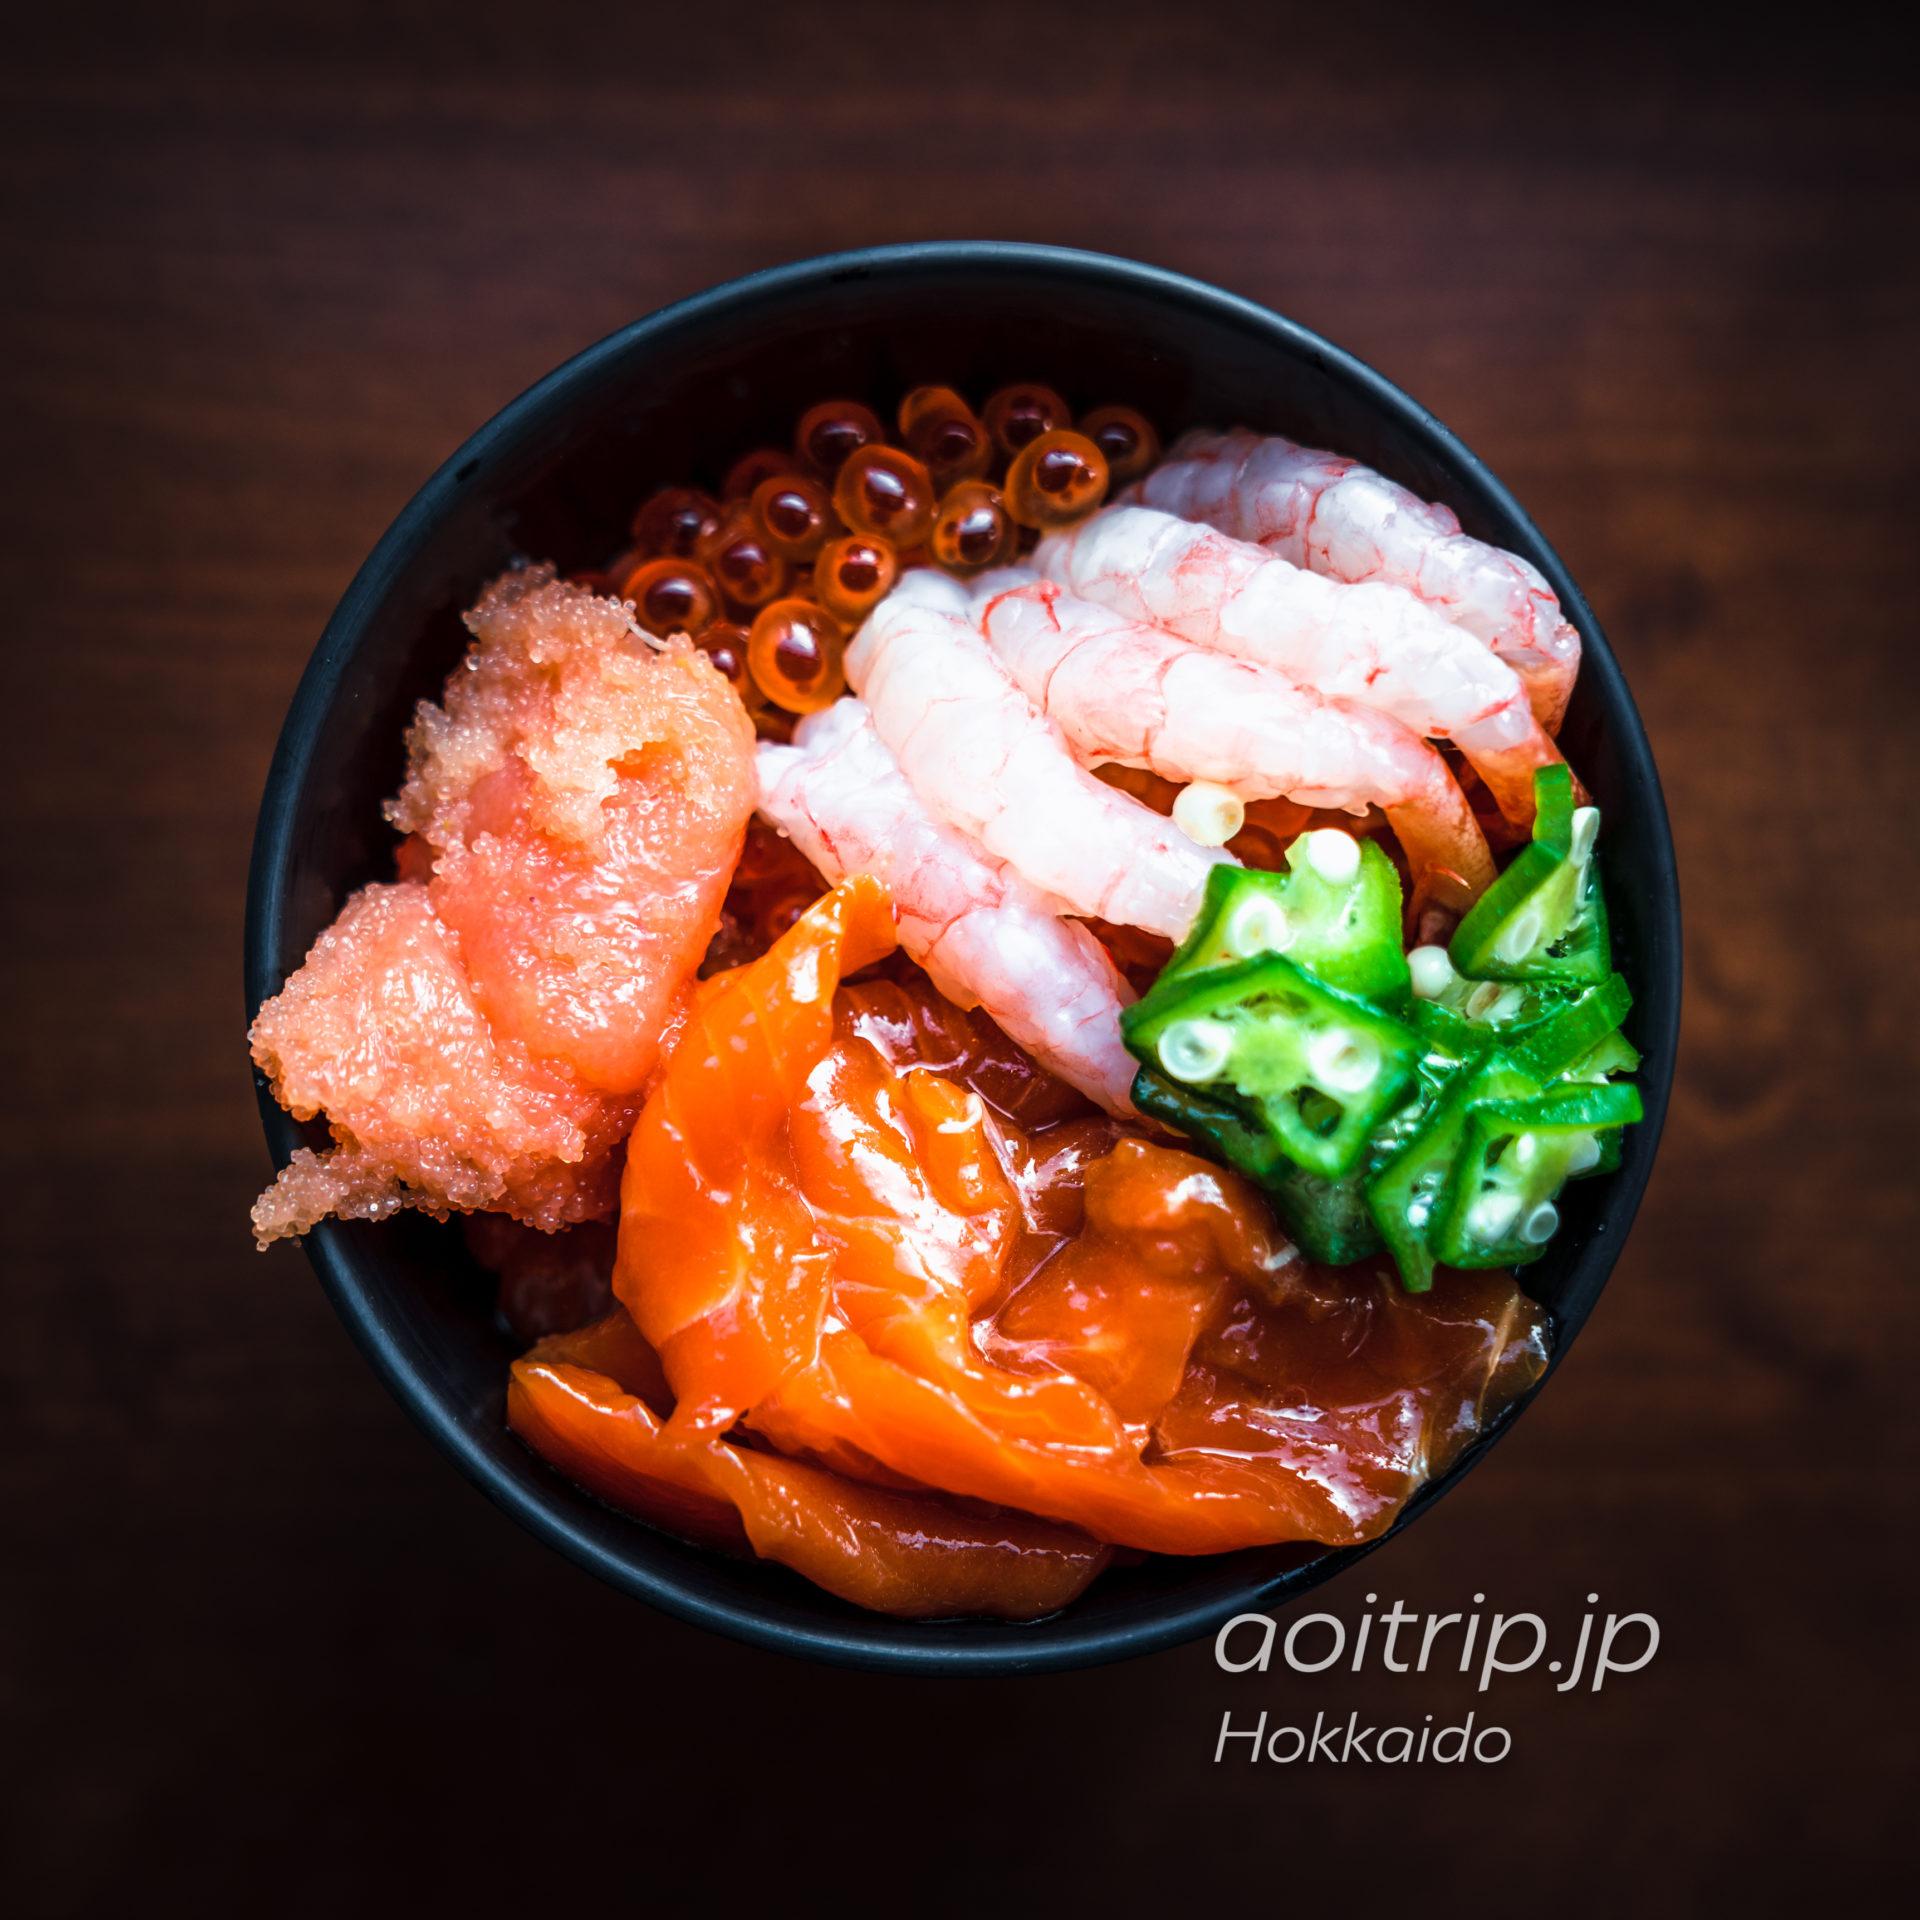 星野リゾートトマム 森のレストラン ニニヌプリの朝食ビュッフェ なまら海鮮丼